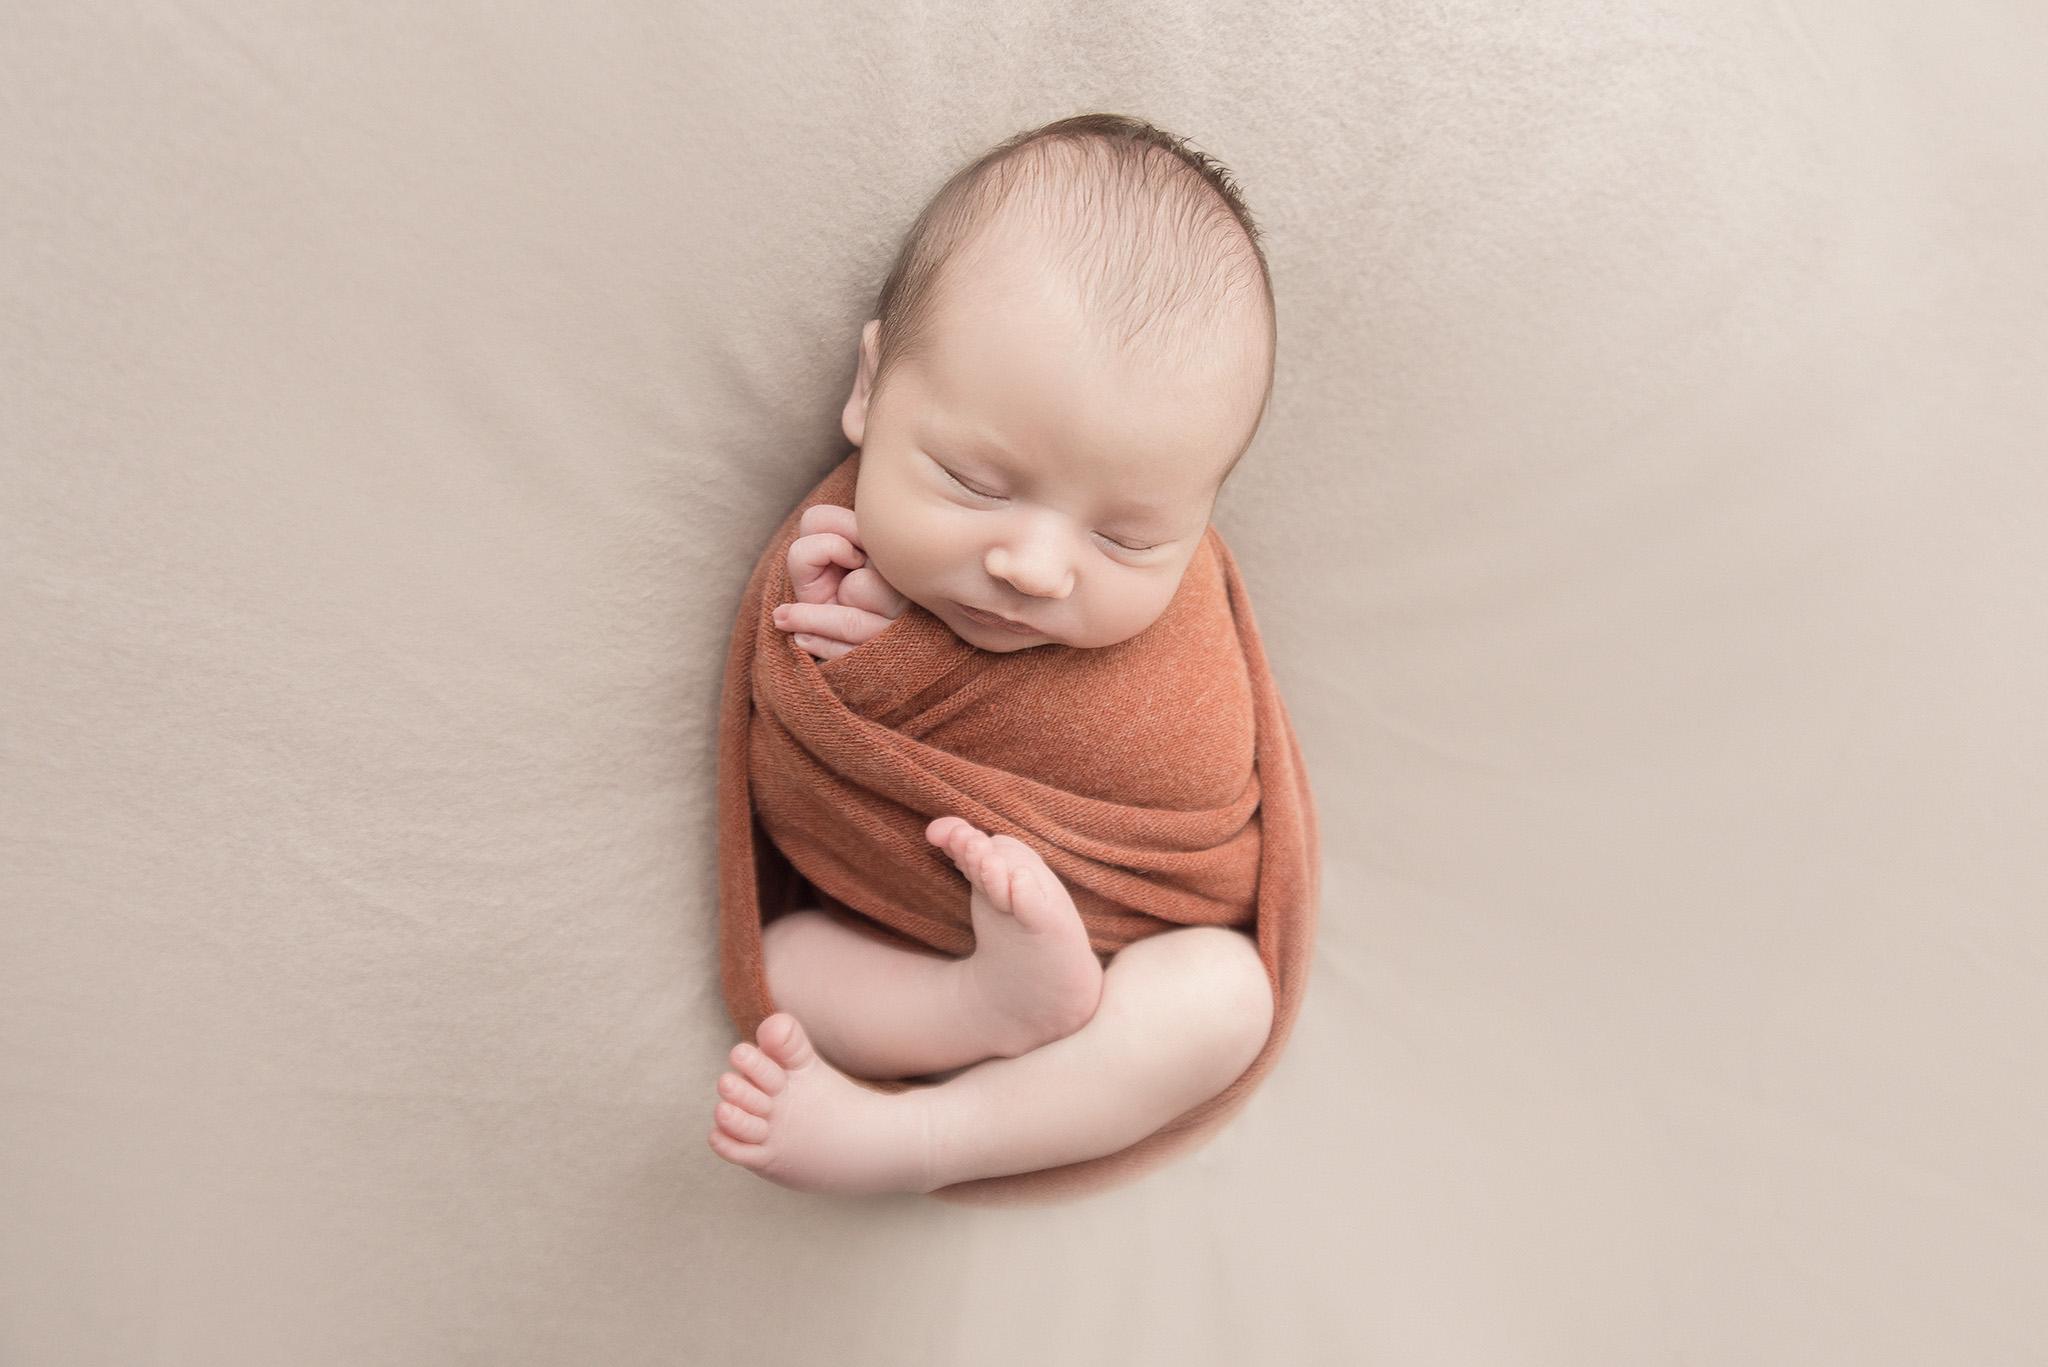 jolie séance photo de bébé couleur naturelle